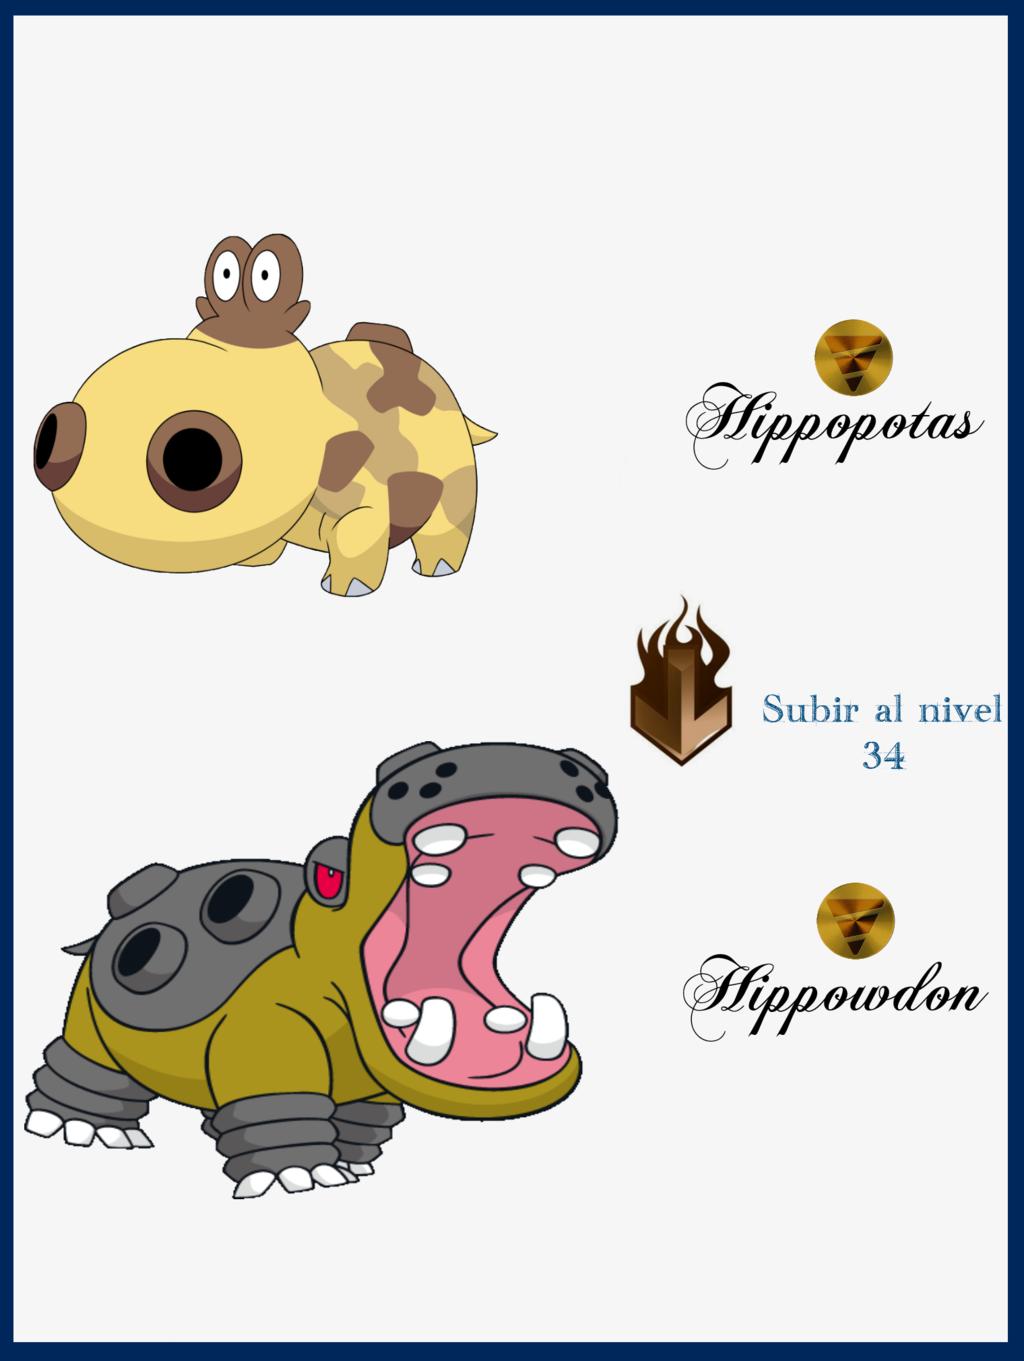 Pokemon Hippopotas | Hippopotas Images | Pokemon Images | Hippo luv …